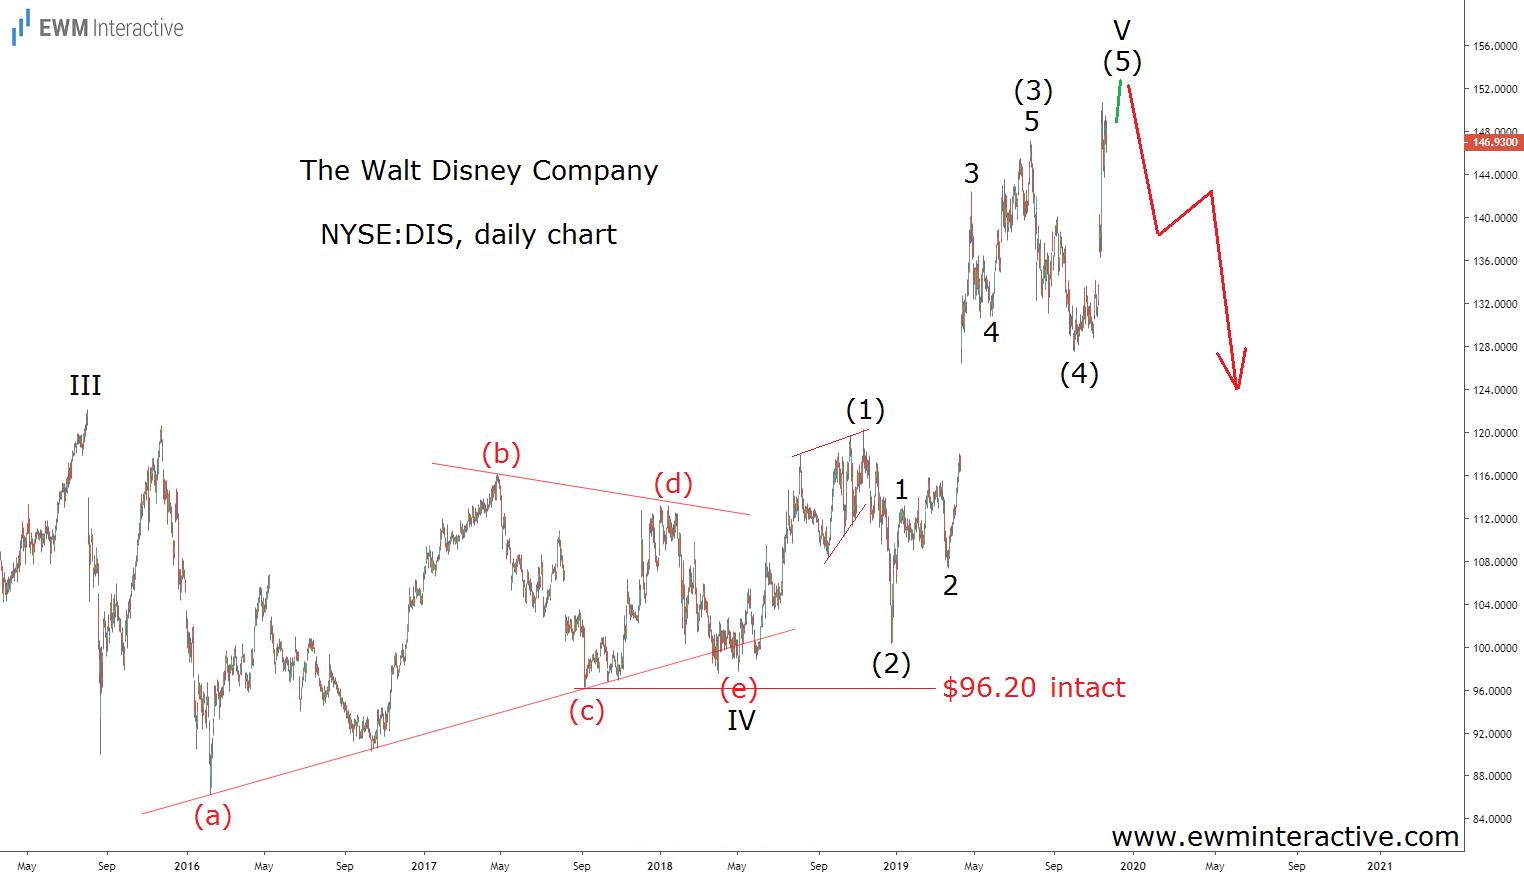 Слабость акций Disney, раскрытая паникой COVID-19